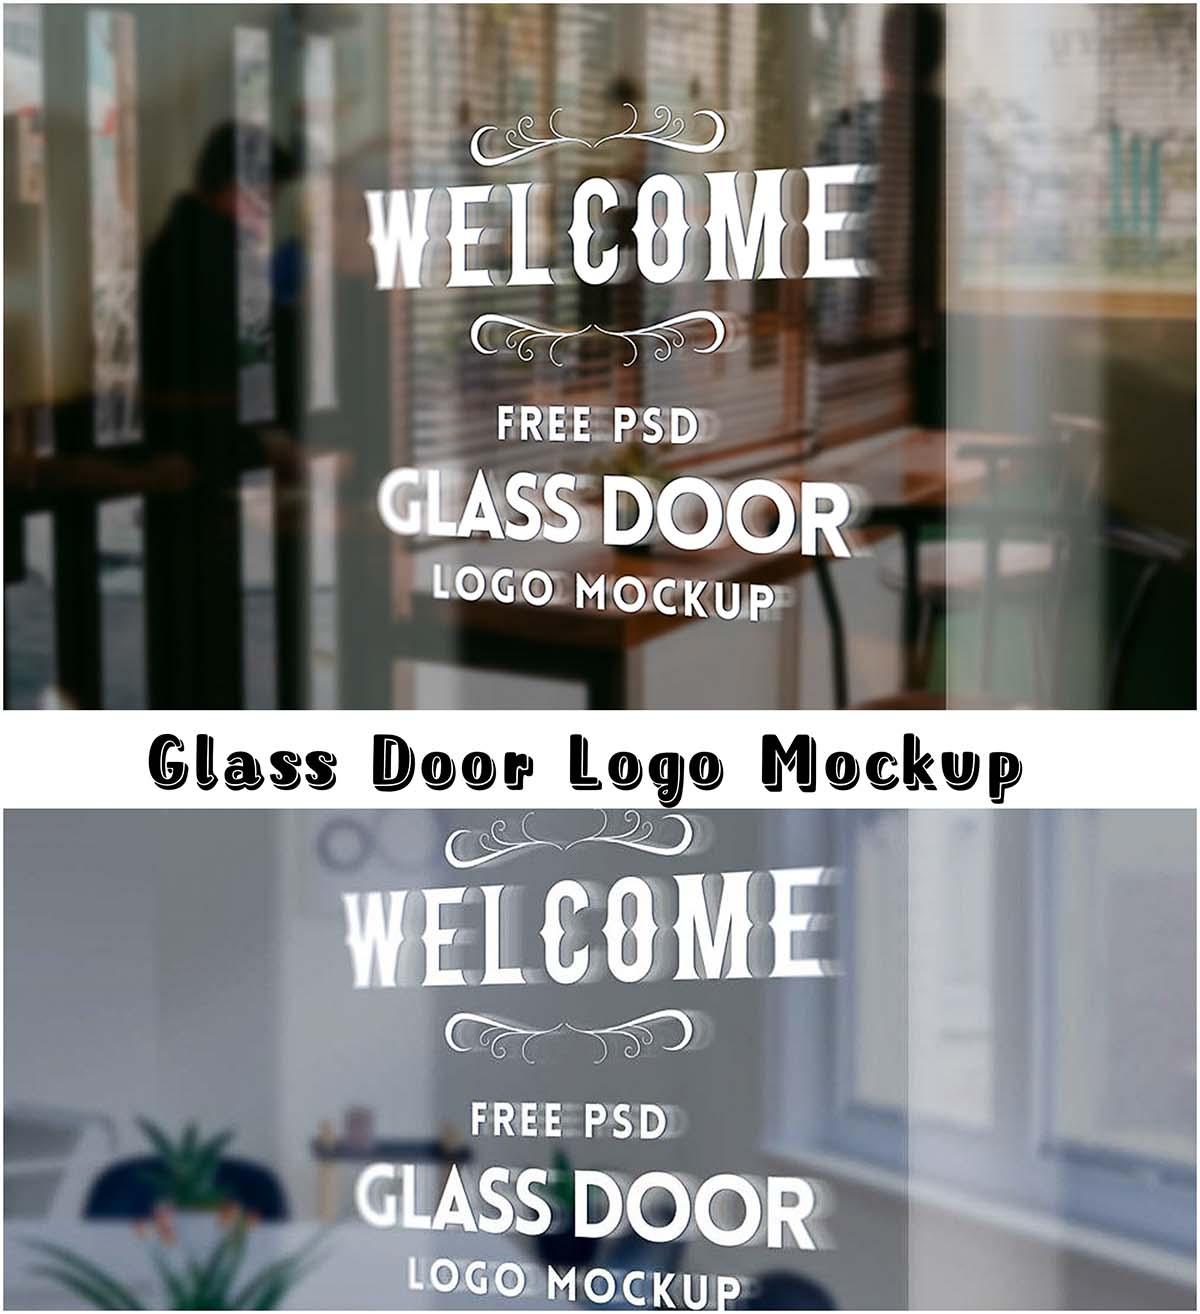 Glass door logo mockup